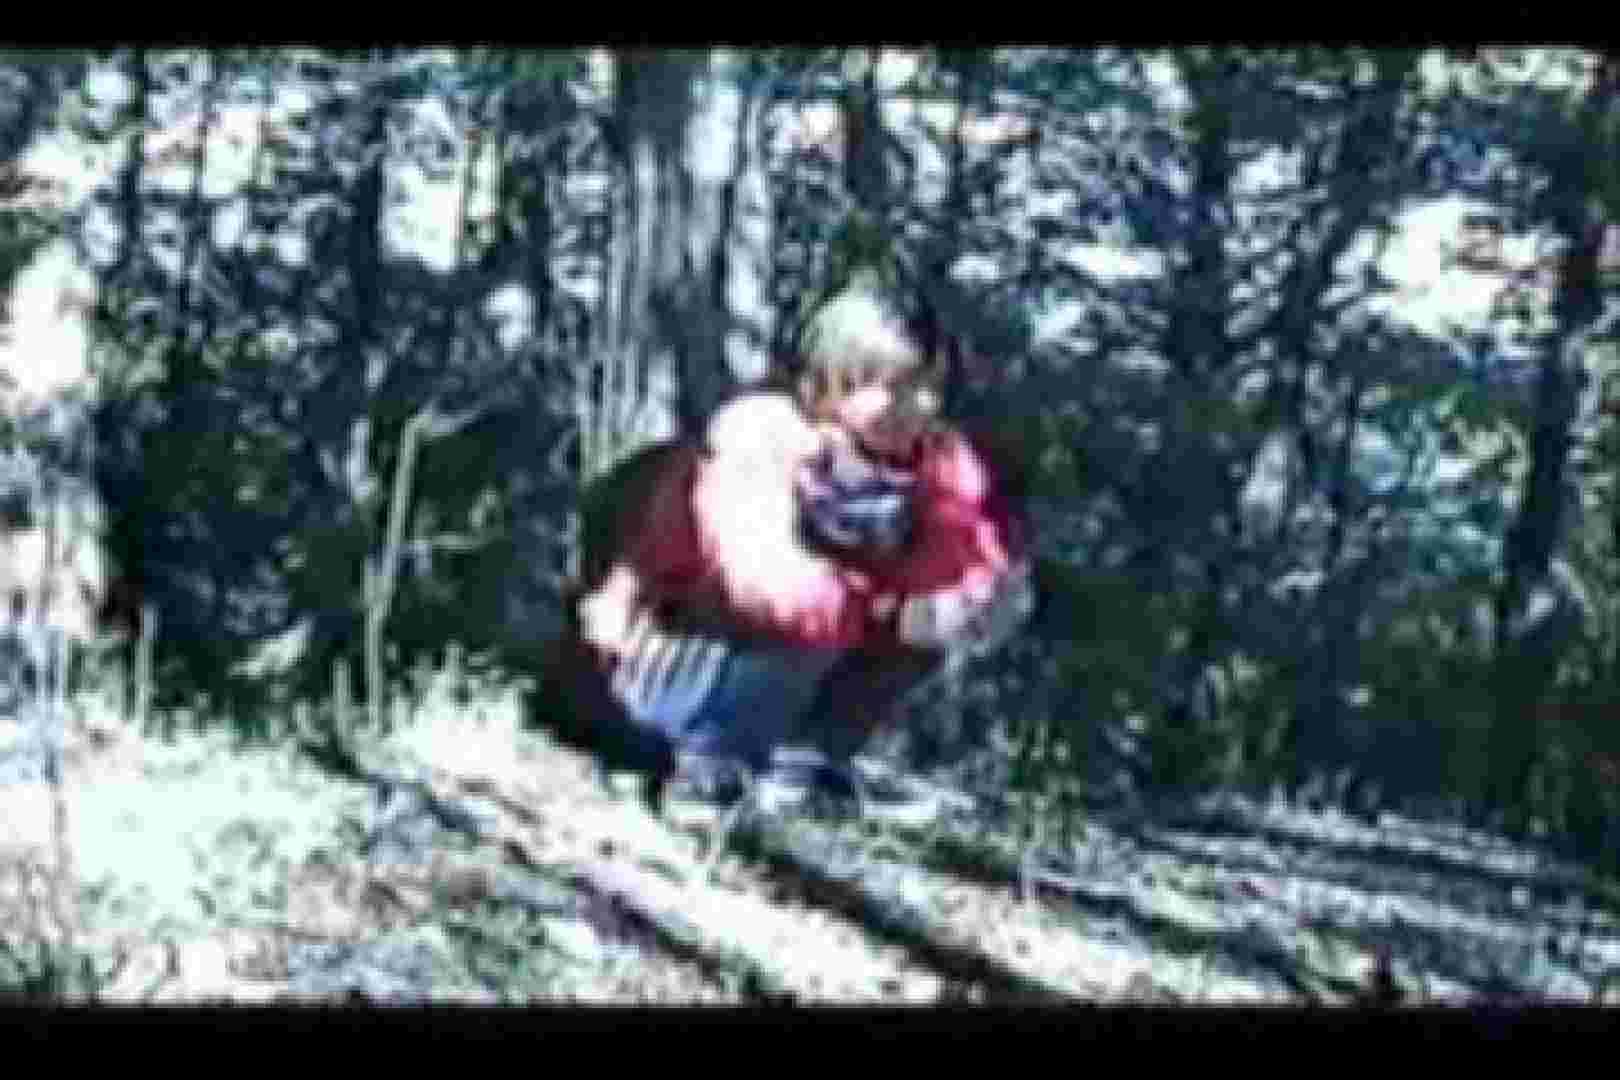 オールドゲイシリーズ  美少年ひかるのオープンファック イケメン  106pic 43